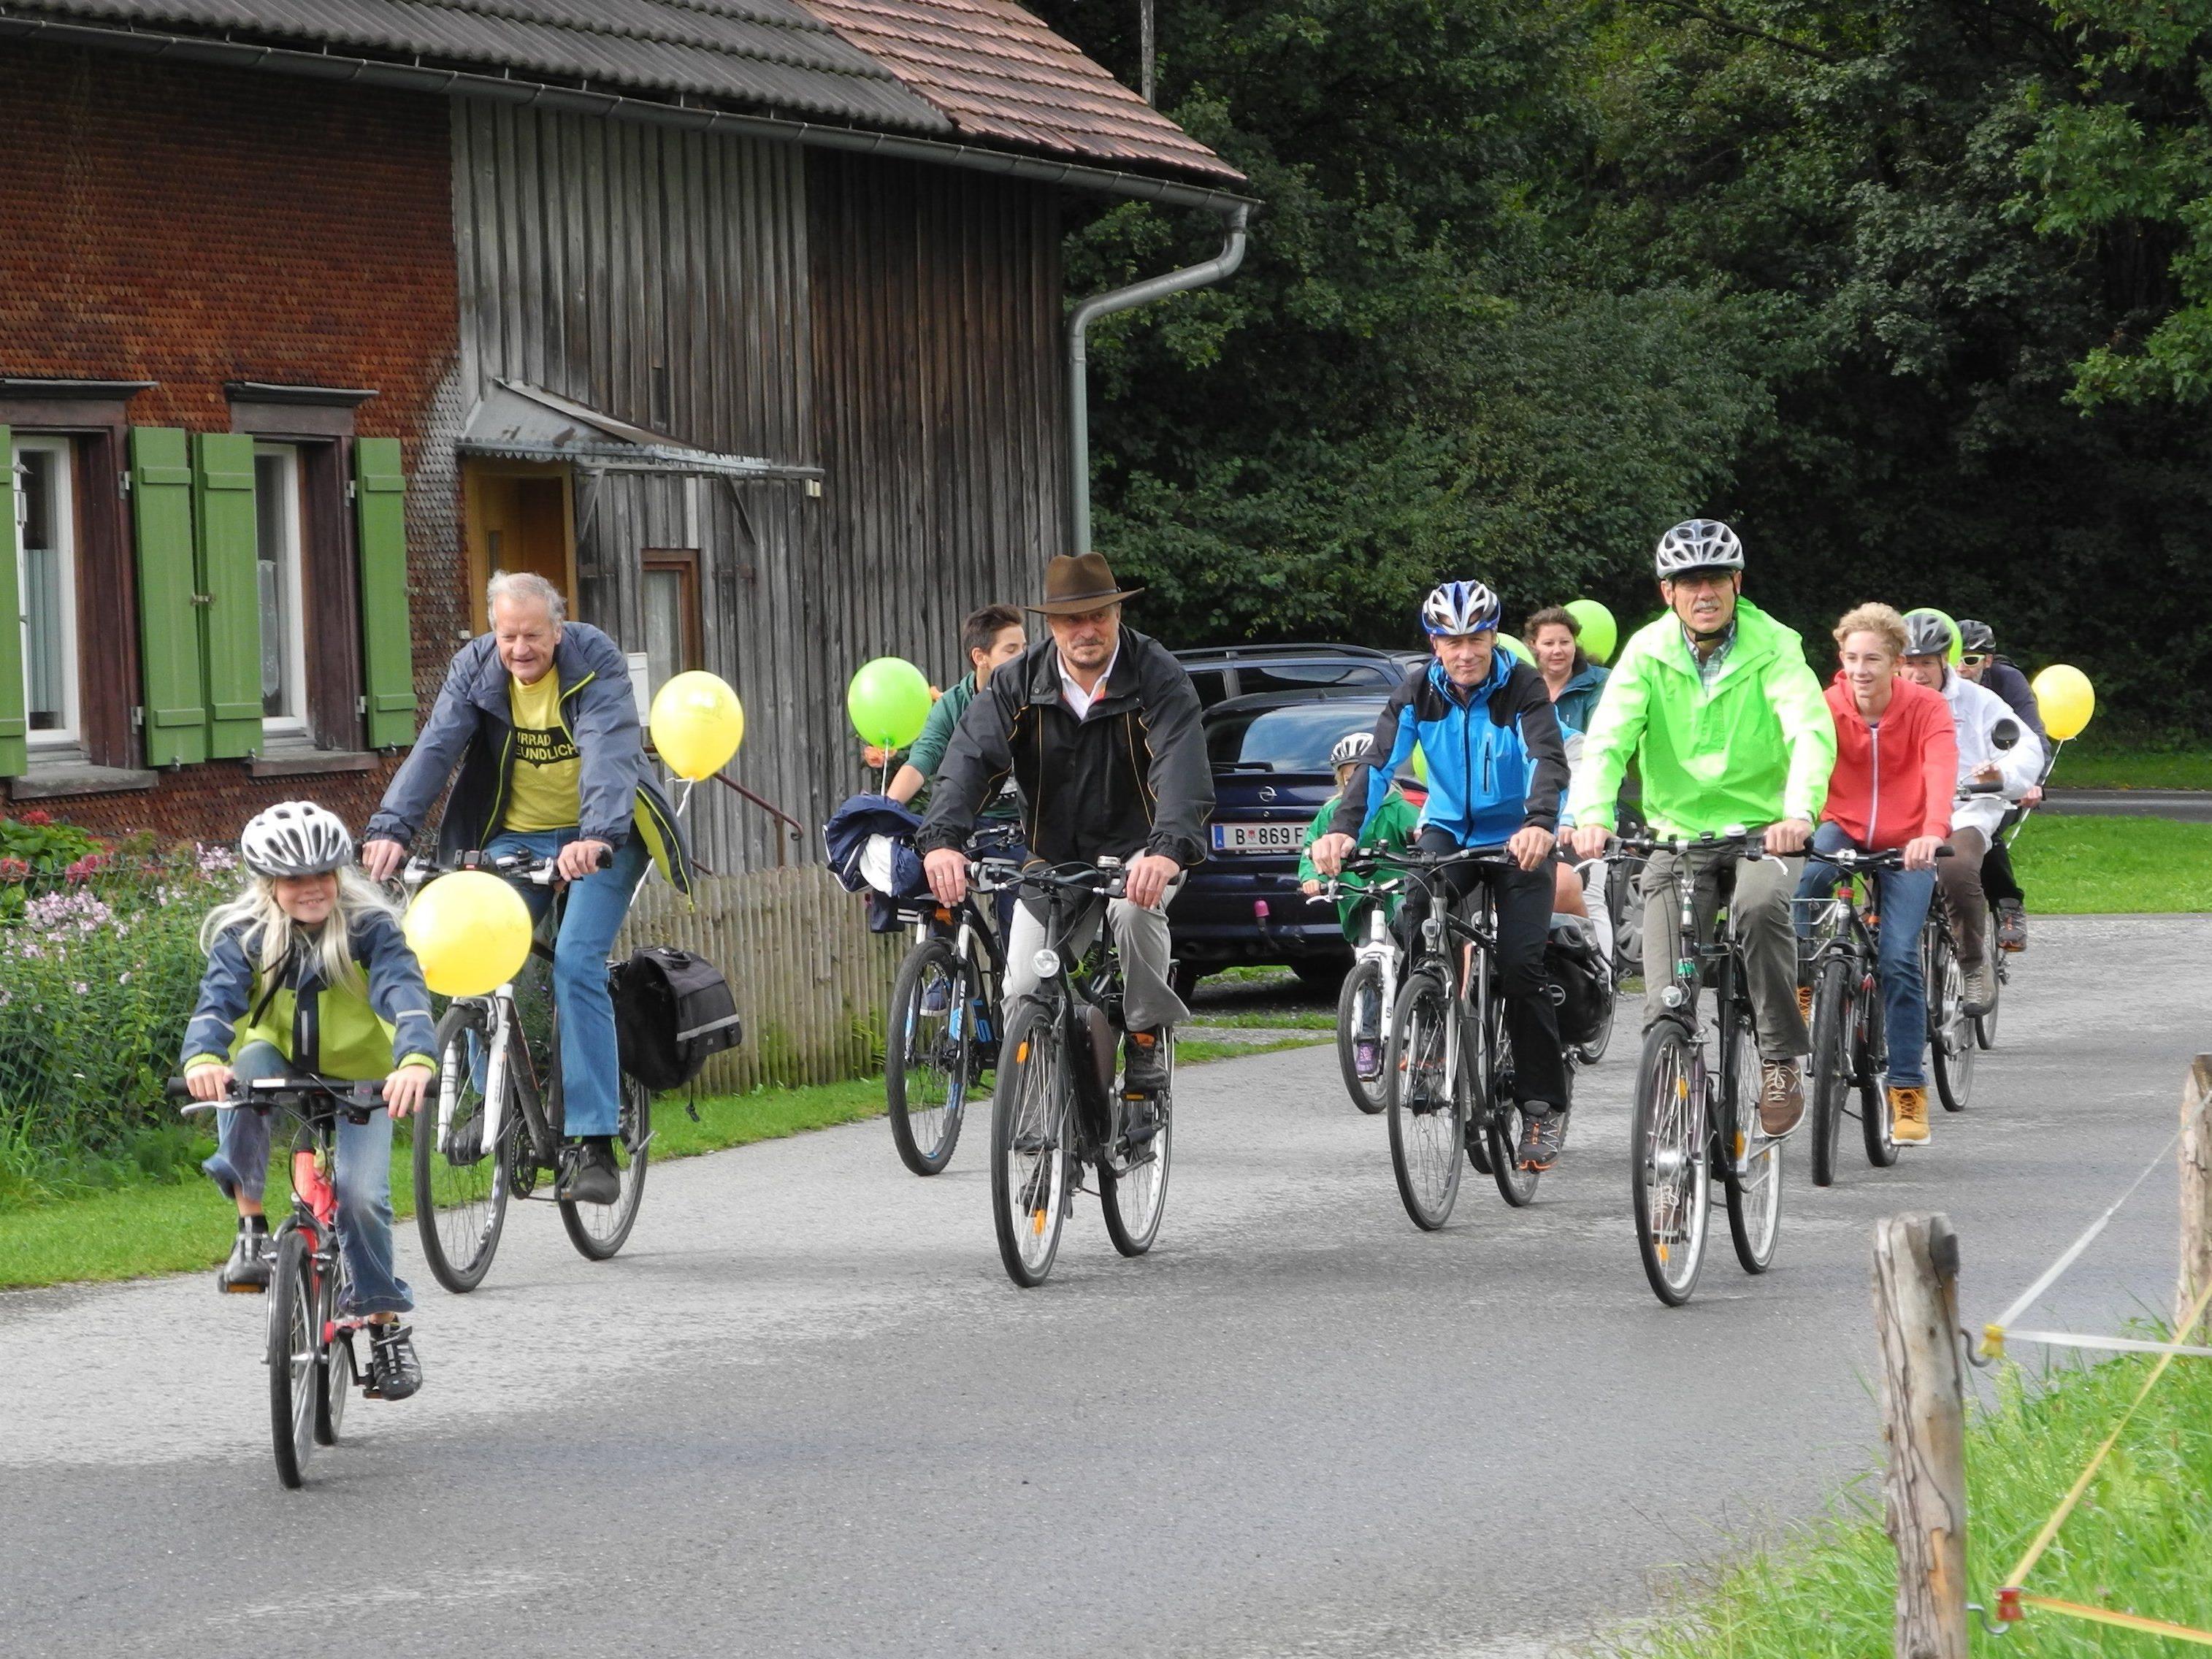 Sportlich fit zeigten sich die Leiblachtaler bei der diesjährigen Fahrrad-Parade mit Preisverlosung des Fahrradwettbewerbs 2015.